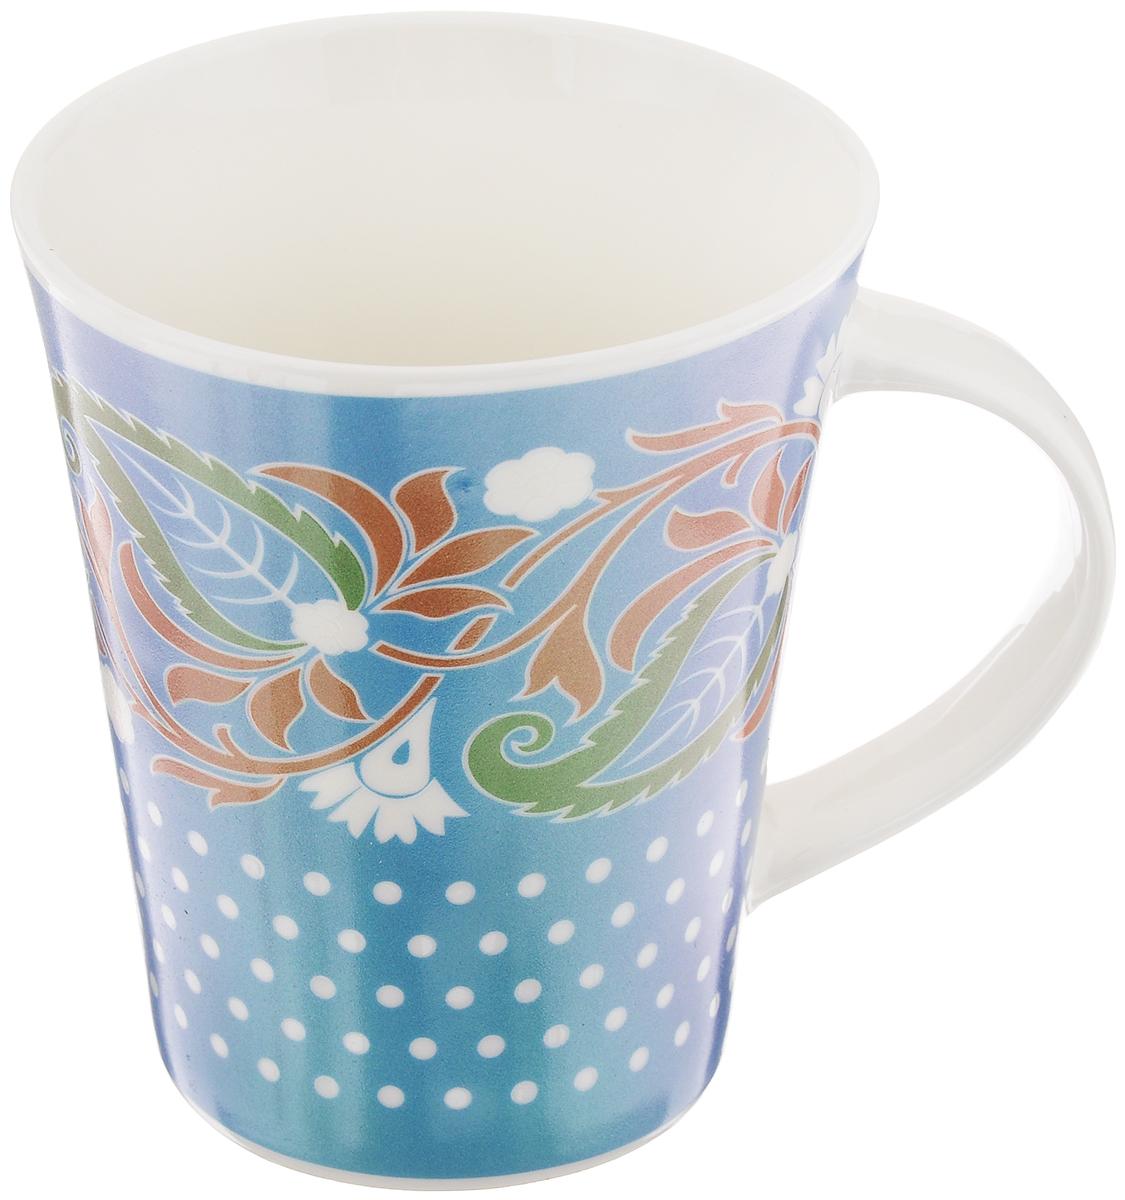 Кружка Miolla Узор 6, цвет: голубой, белый, зеленый, 380 мл115510Кружка Miolla Узор 6 изготовлена из высококачественного фарфора, покрытой слоем глазури, и оформлена красивым рисунком. Такая кружка станет неизменным атрибутом чаепития, подойдет как для офиса, так и для дома. Подходит для использования в микроволновой печи и посудомоечной машине. Диаметр (по верхнему краю): 9 см.